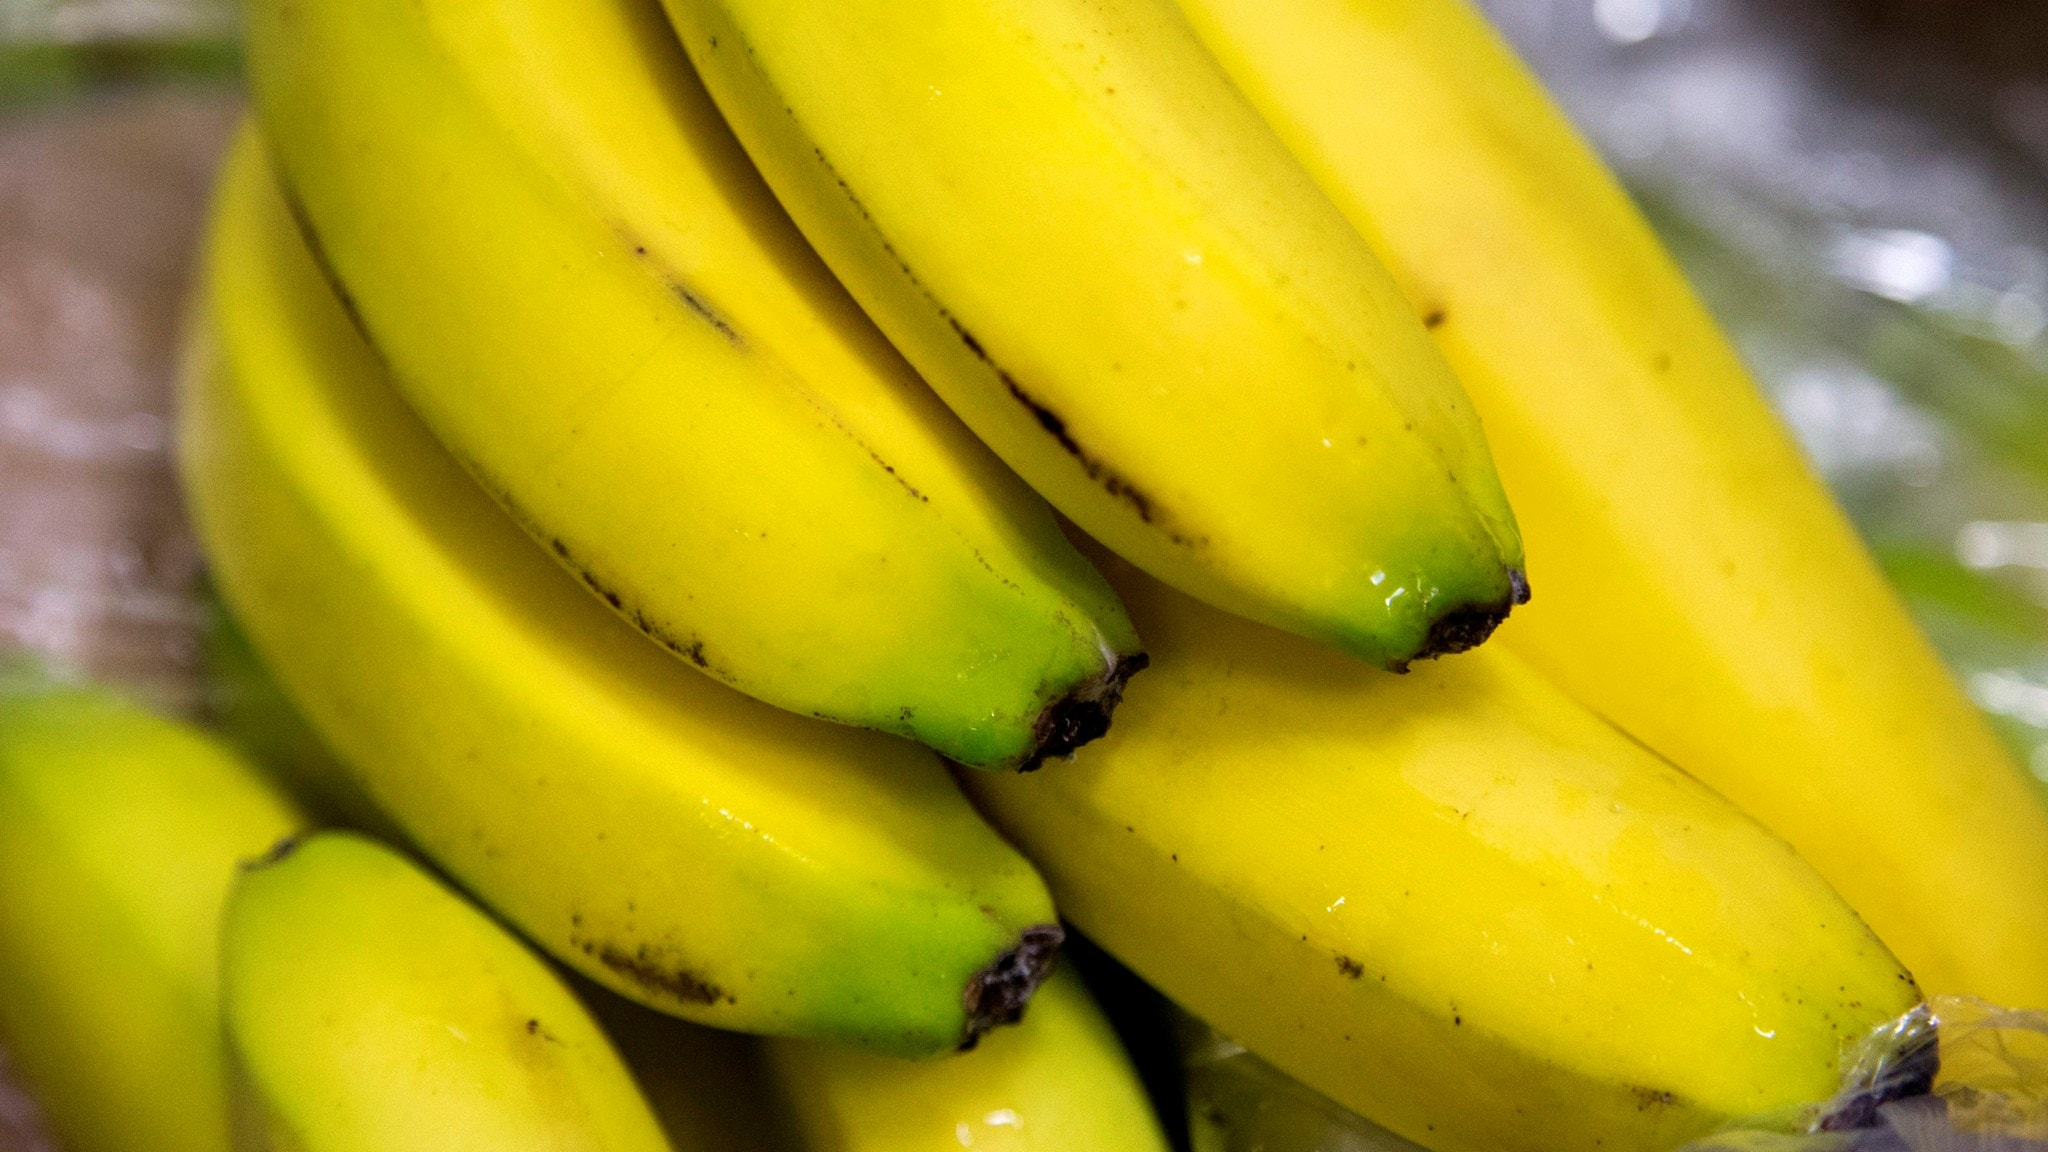 Angrepp mot världens bananer